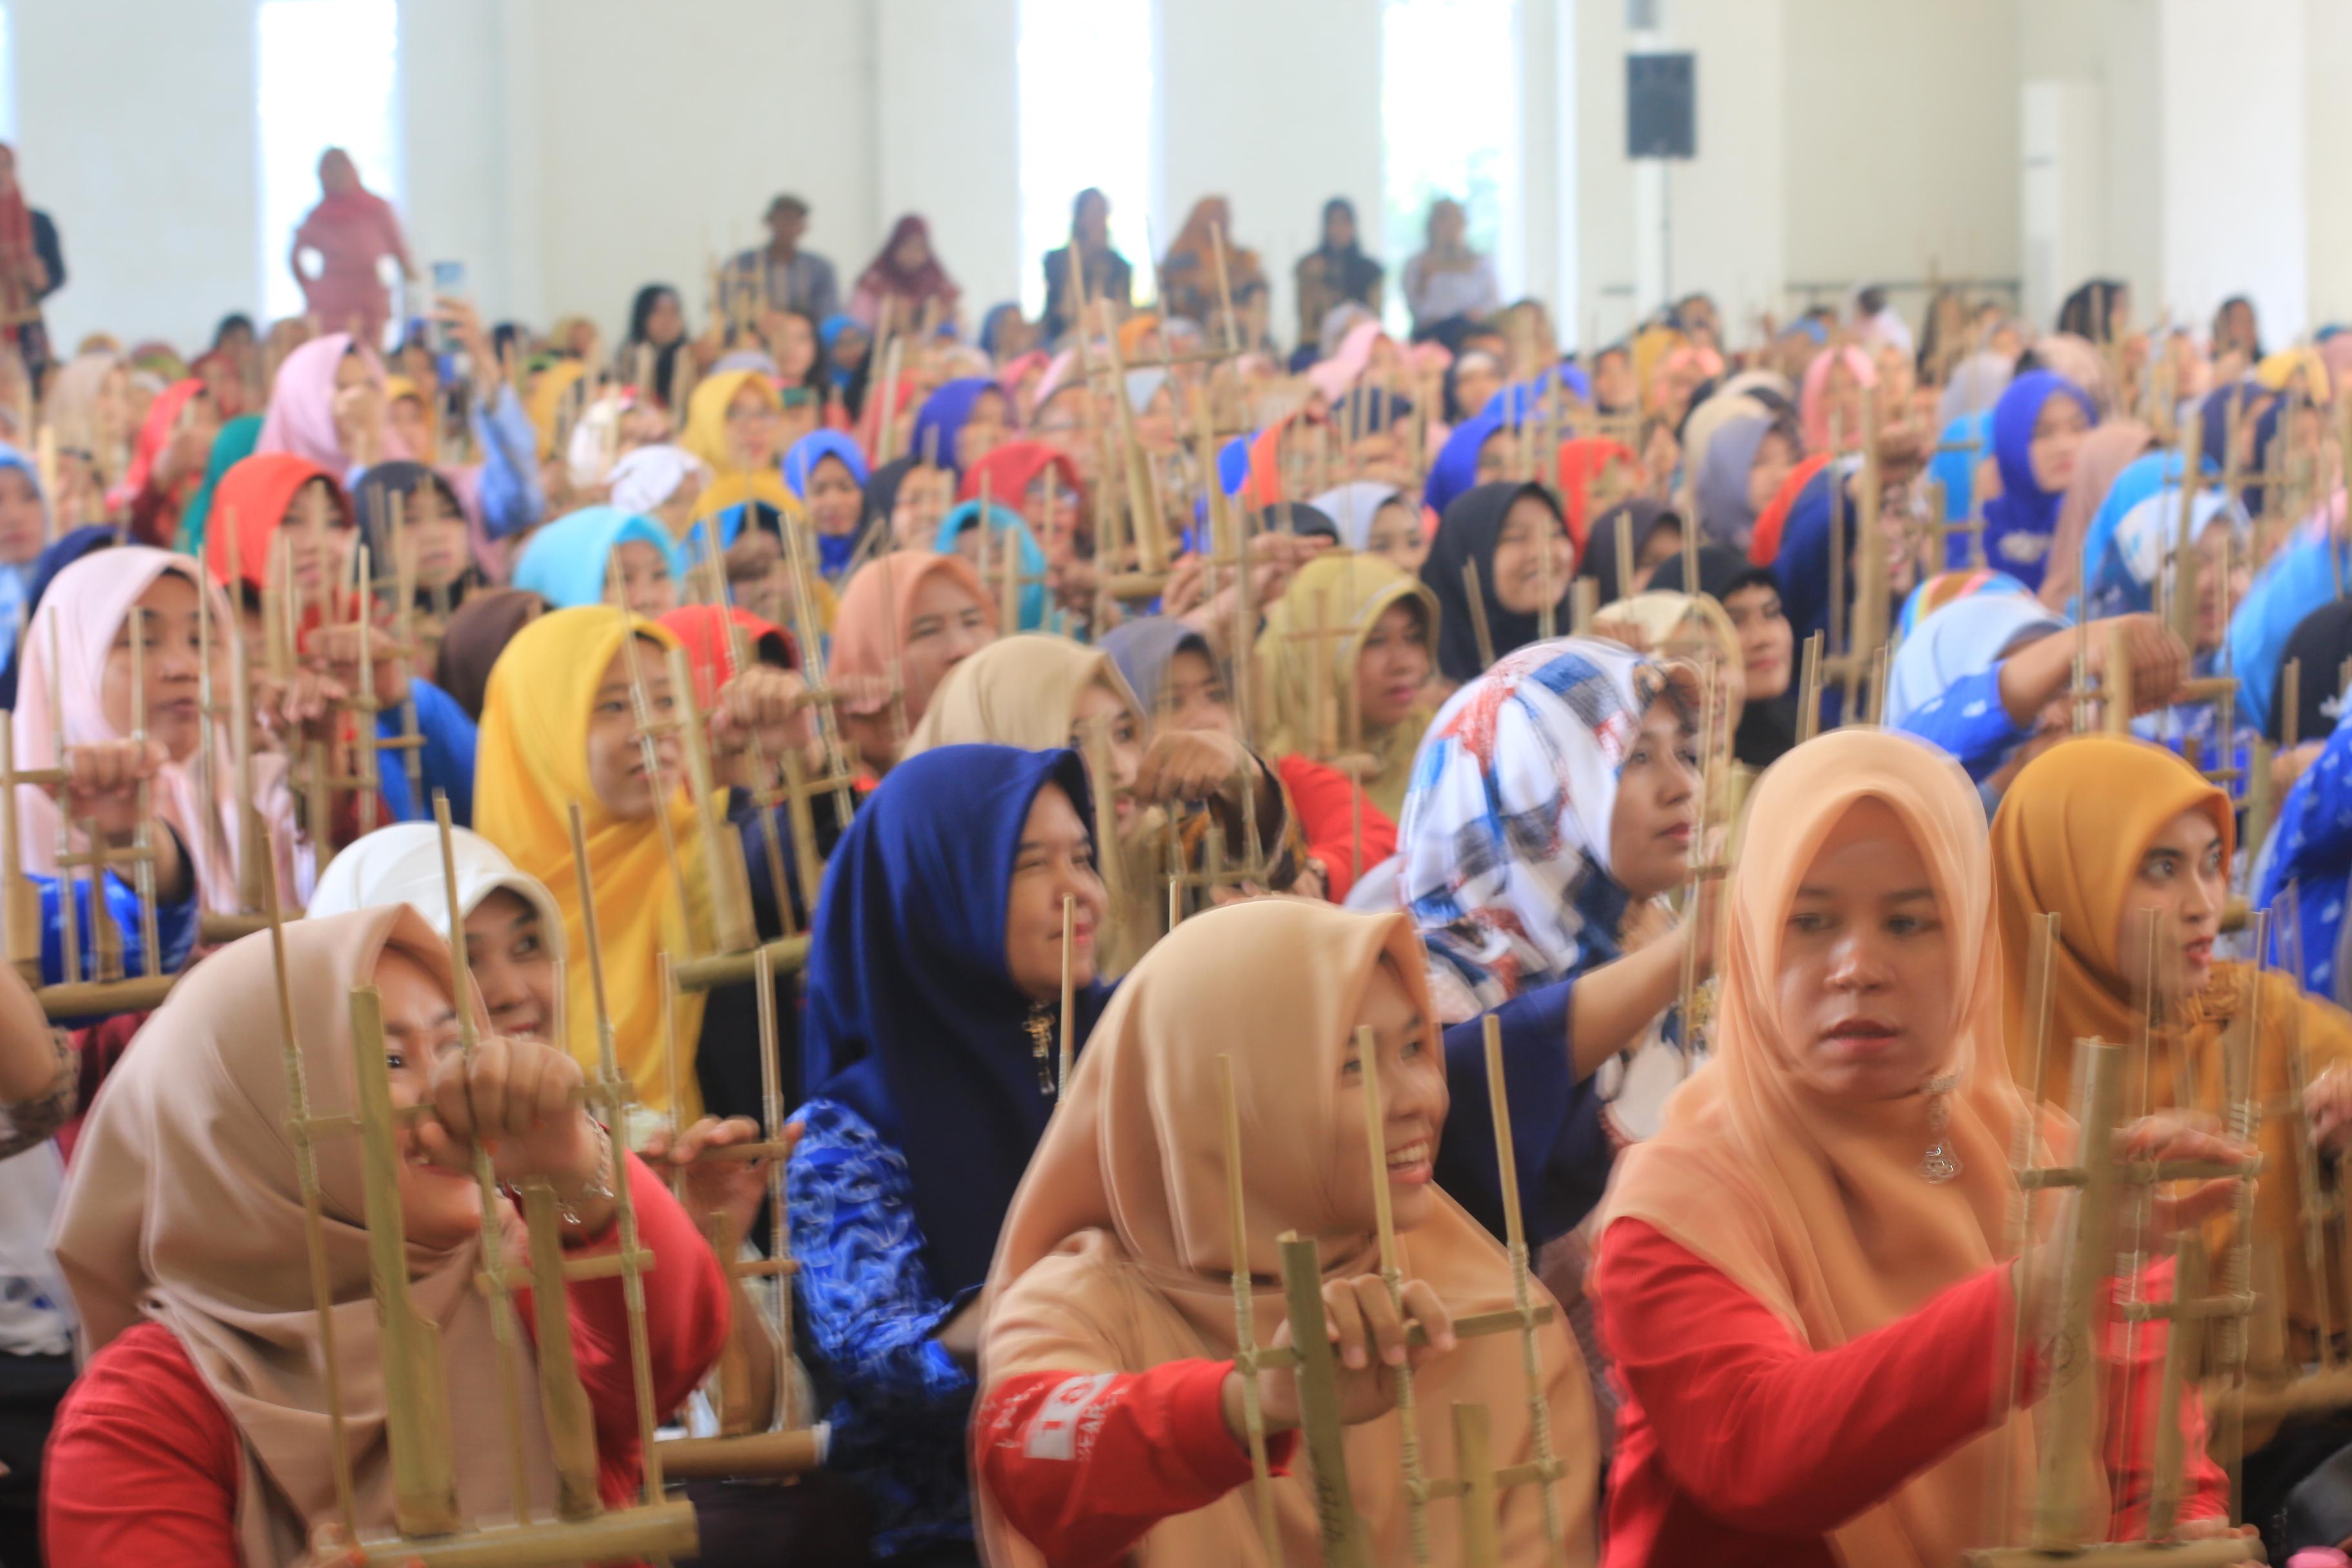 Kenalkan Alat Musik Angklung Kepada 370 Guru PAUD Di Wisata Djampang